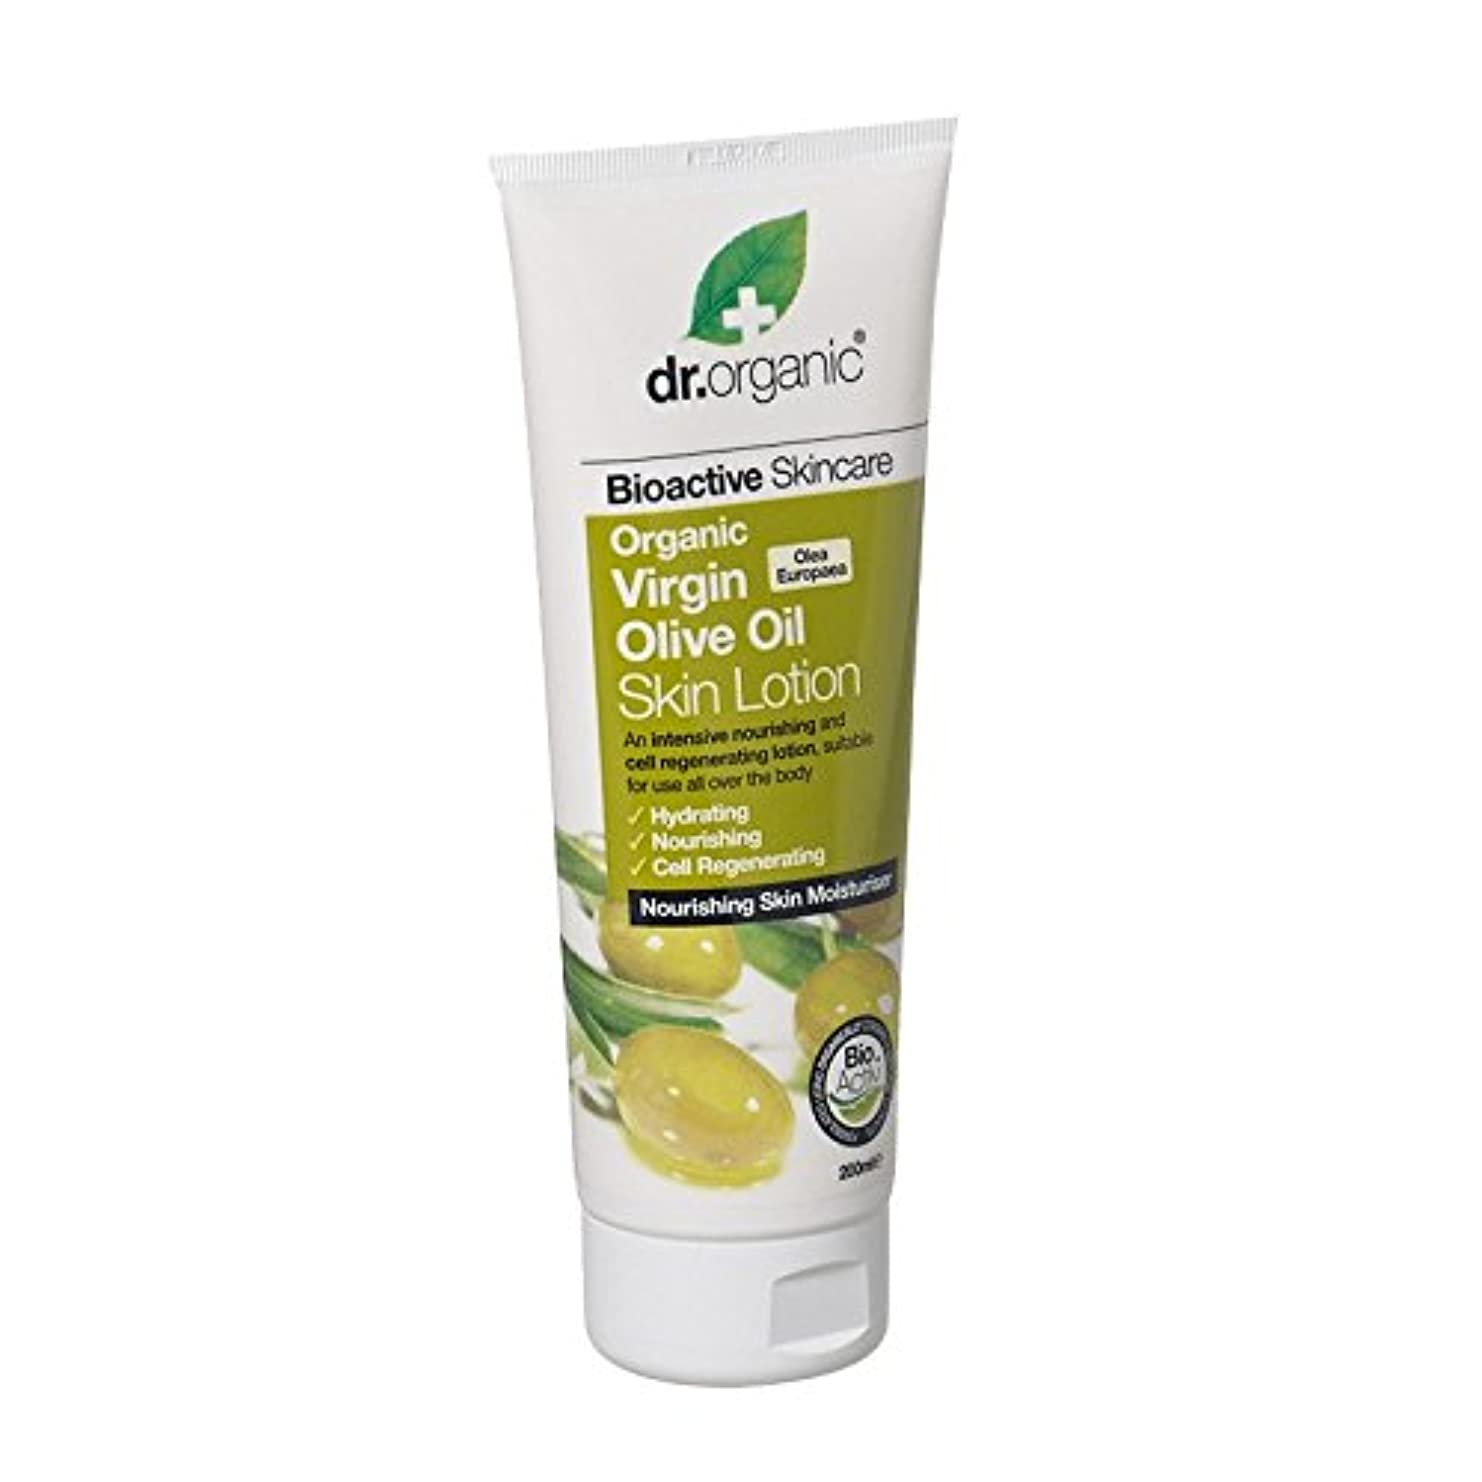 謙虚な一生開始Dr Organic Virgin Olive Skin Lotion (Pack of 6) - Dr有機バージンオリーブスキンローション (x6) [並行輸入品]